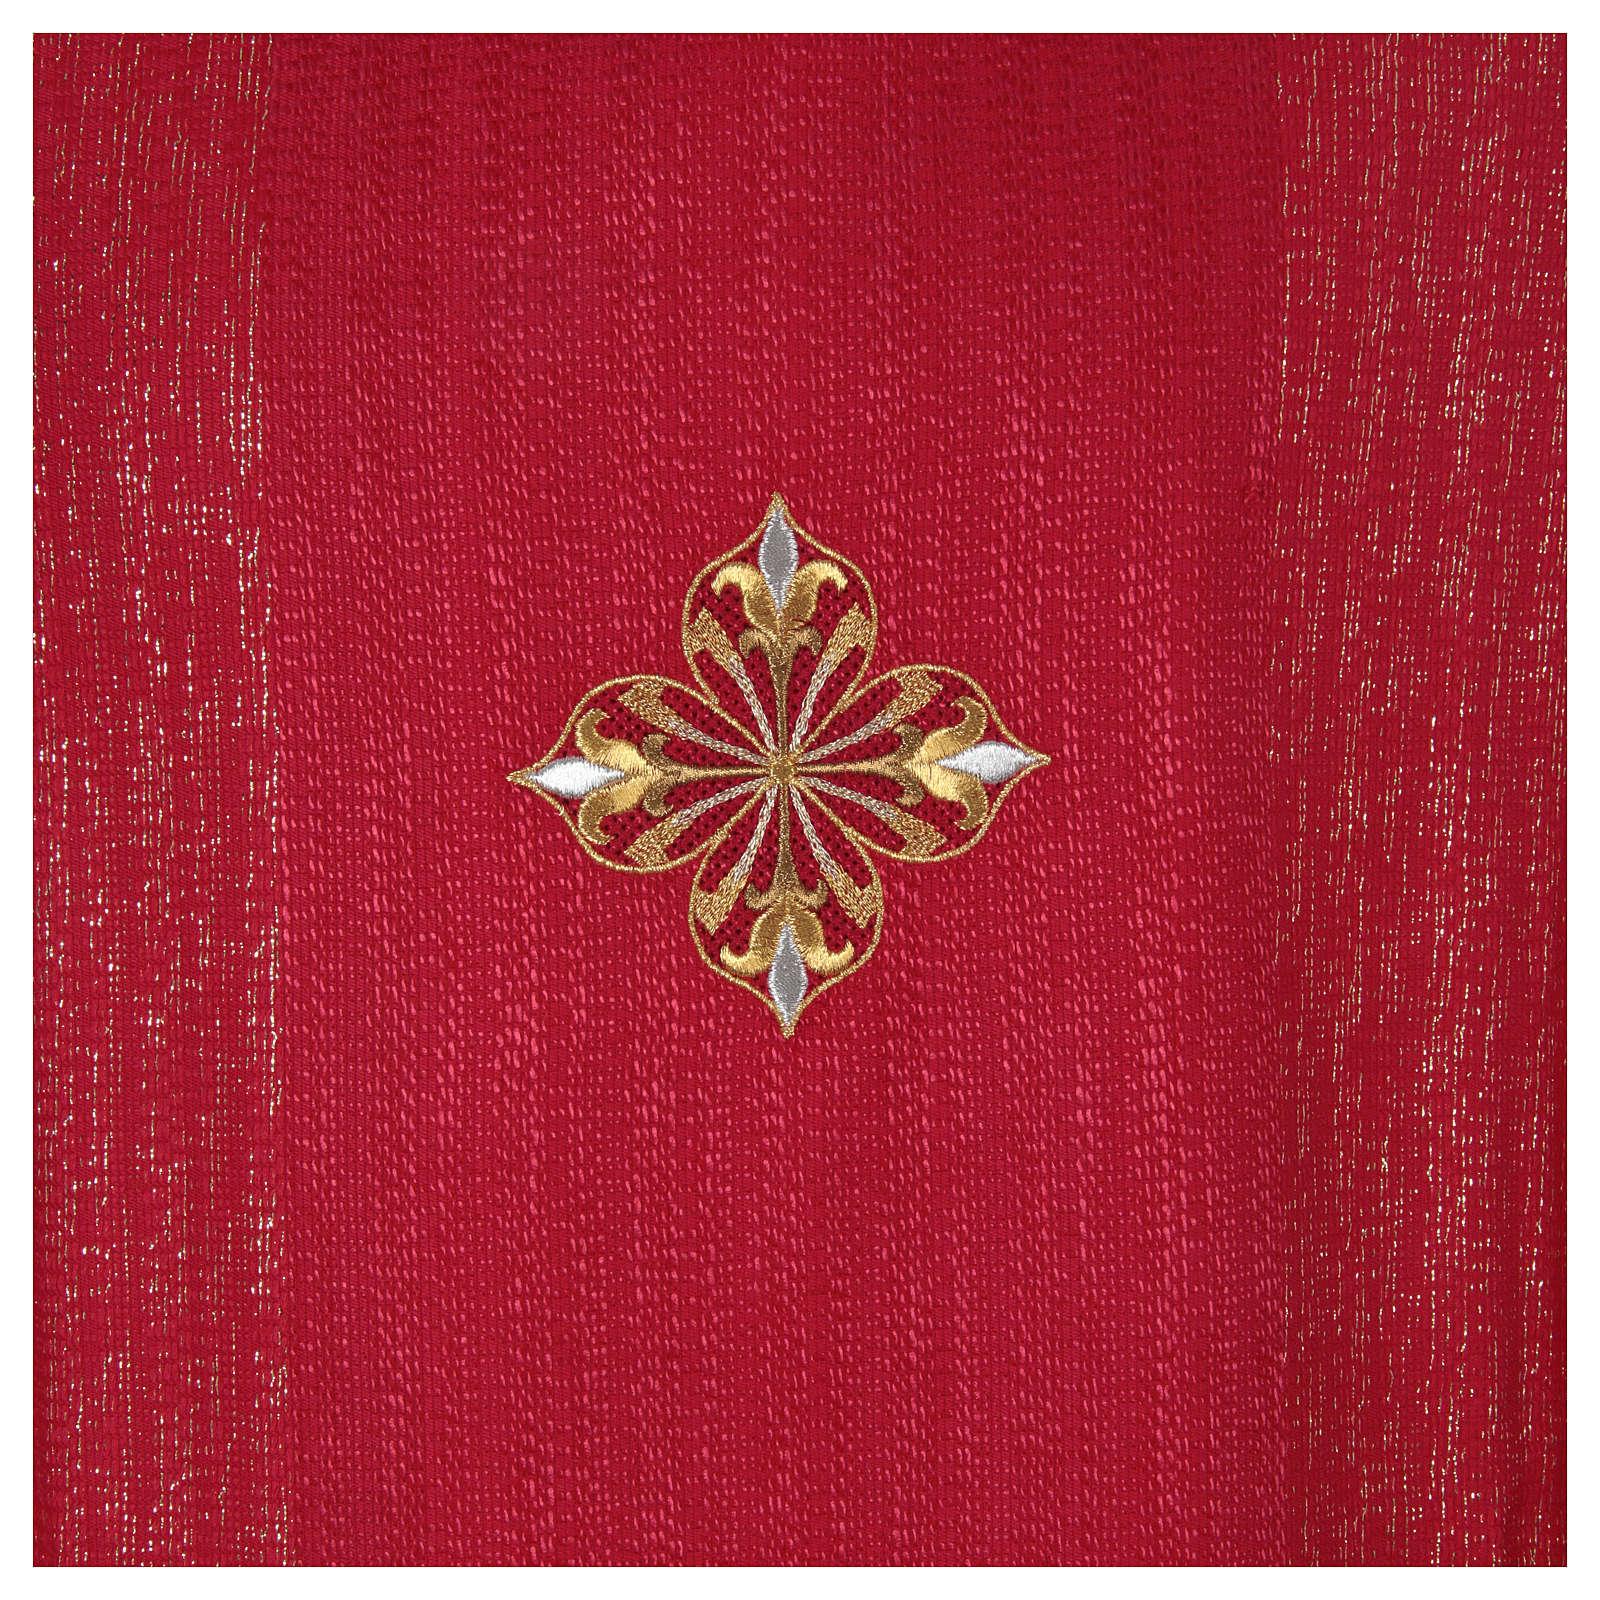 Casula 85% lã 15% lurex bordado 3 cruzes 4